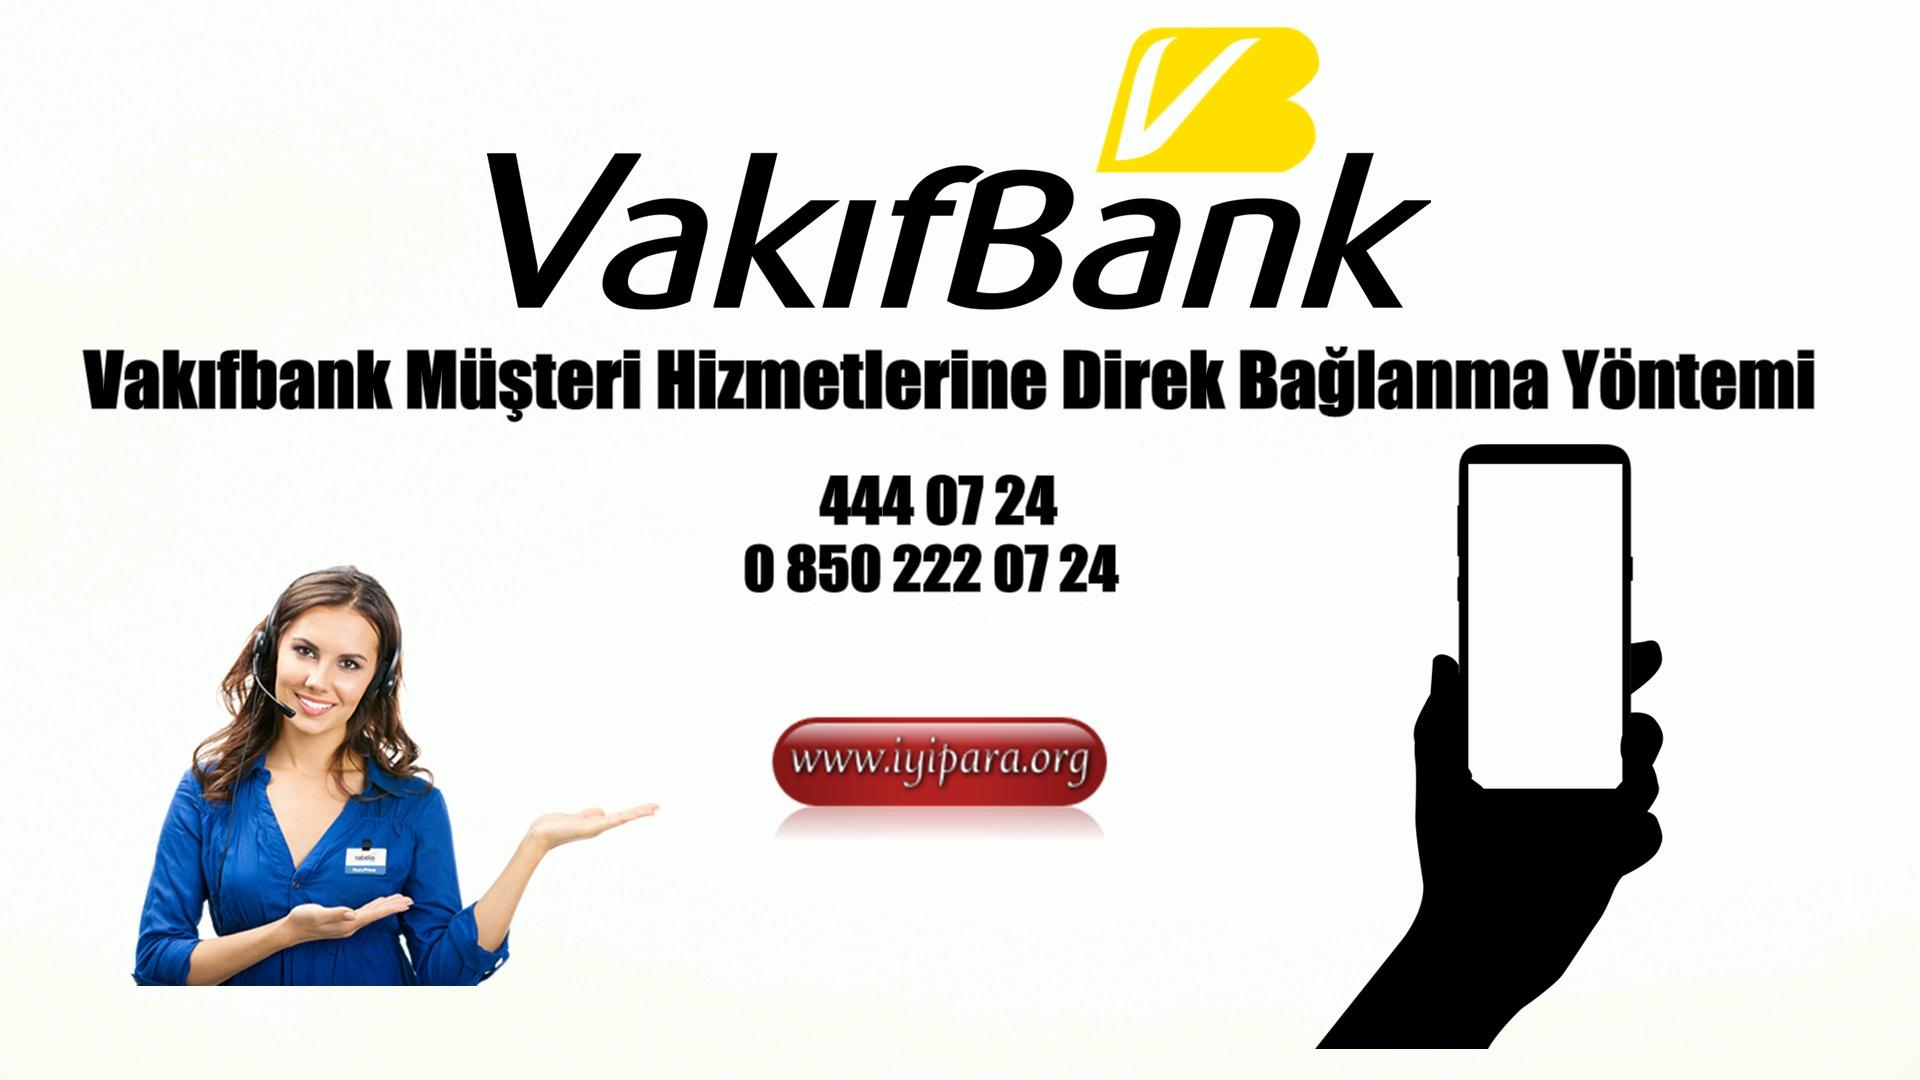 Vakıfbank Müşteri Hizmetlerine Direk Bağlanma Yöntemi